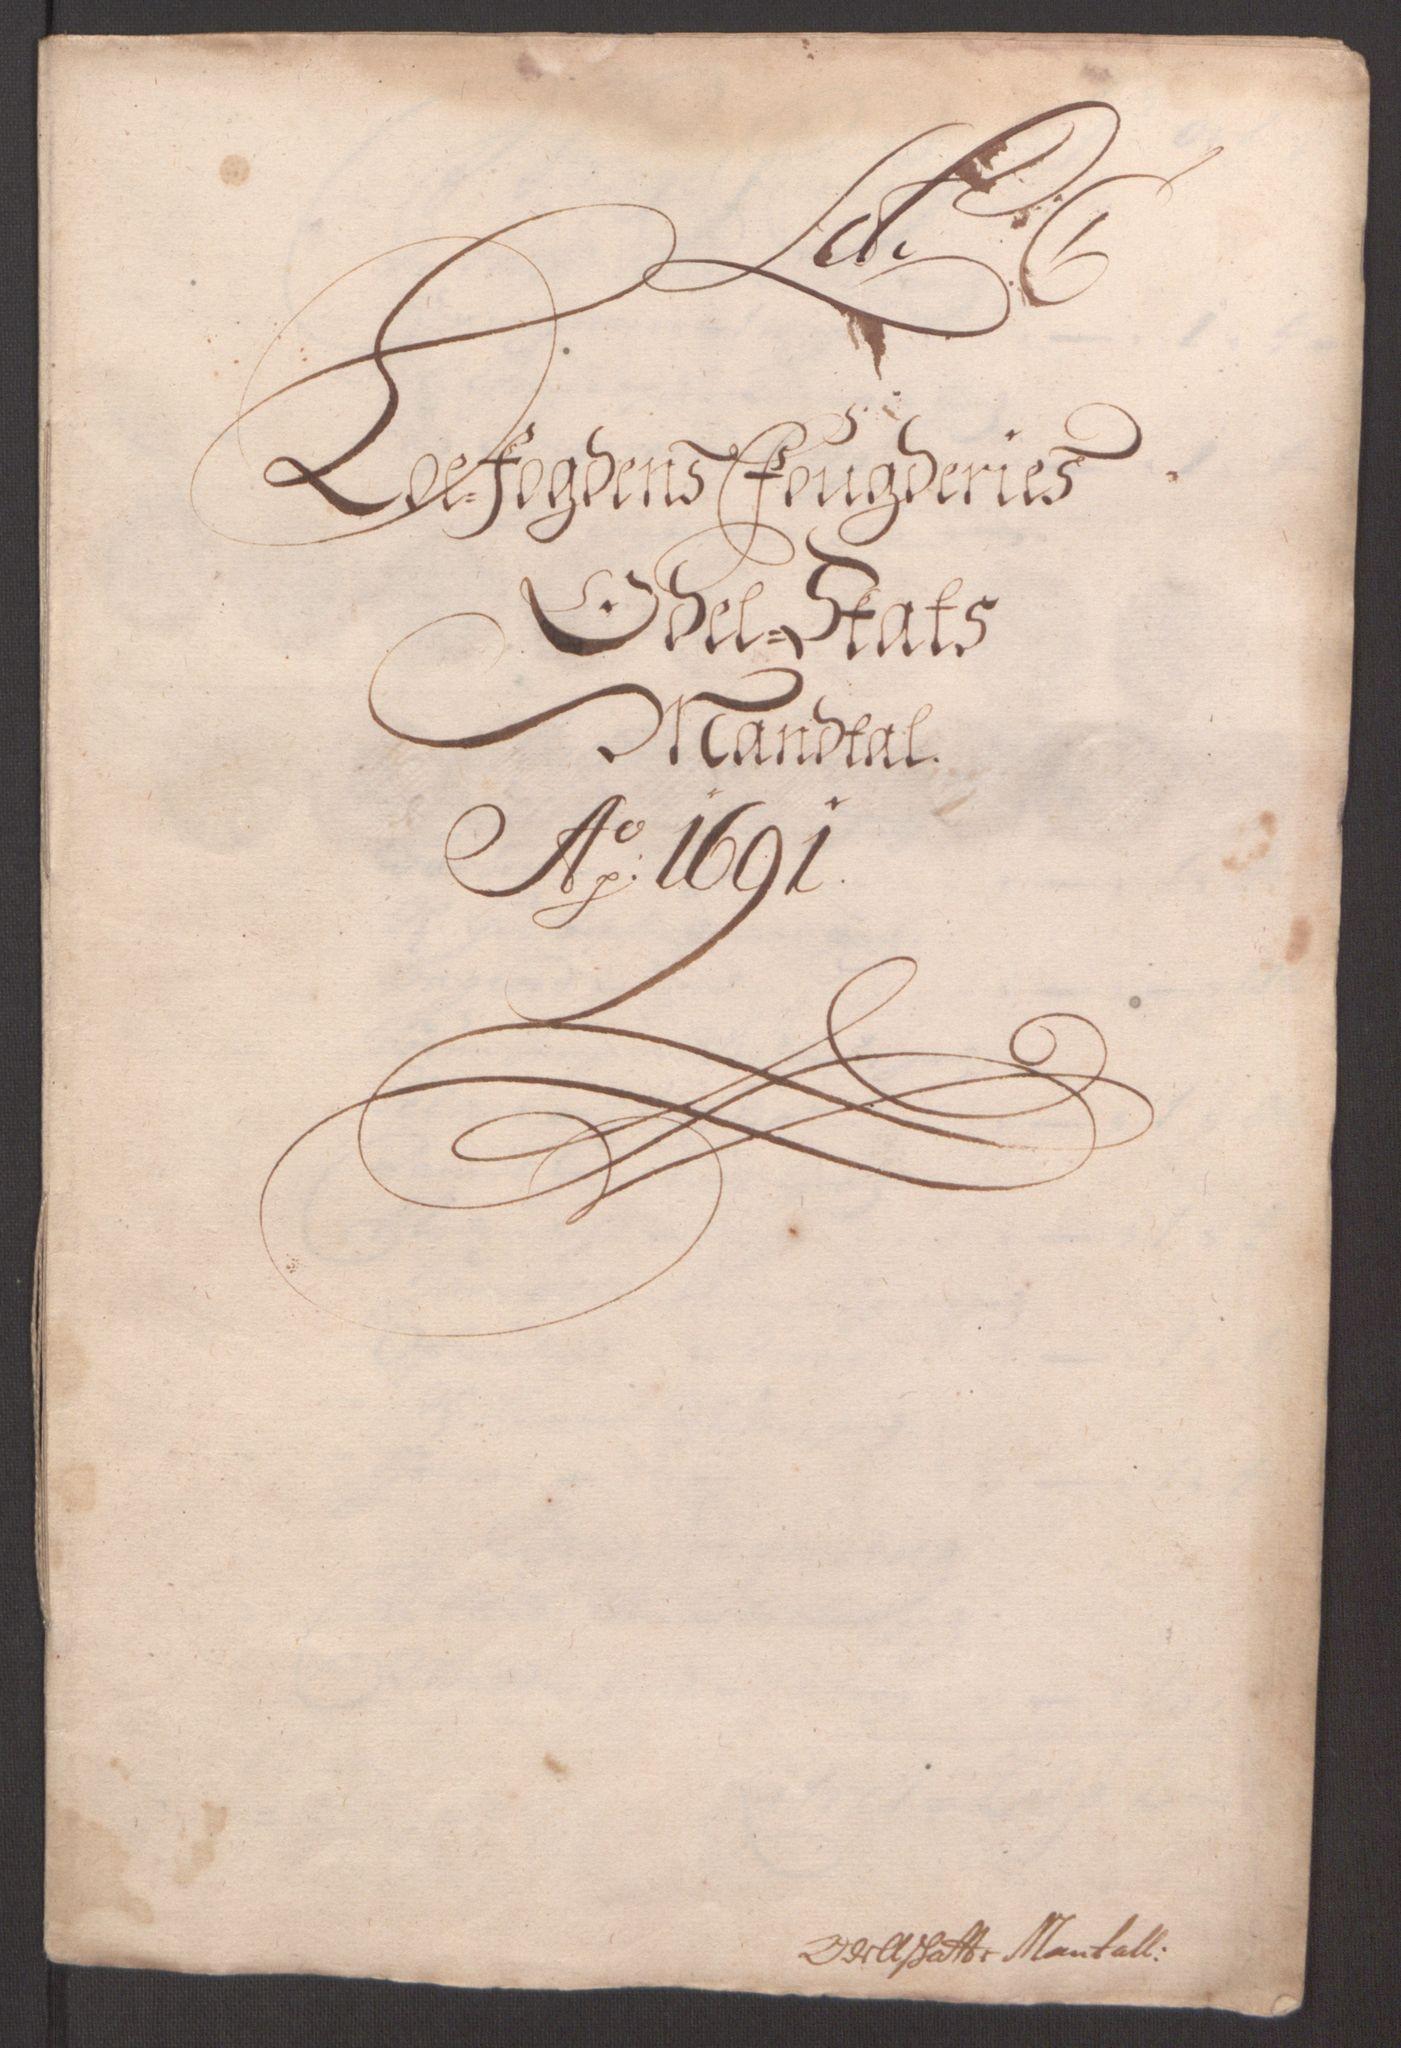 RA, Rentekammeret inntil 1814, Reviderte regnskaper, Fogderegnskap, R67/L4675: Fogderegnskap Vesterålen, Andenes og Lofoten, 1691-1693, s. 32